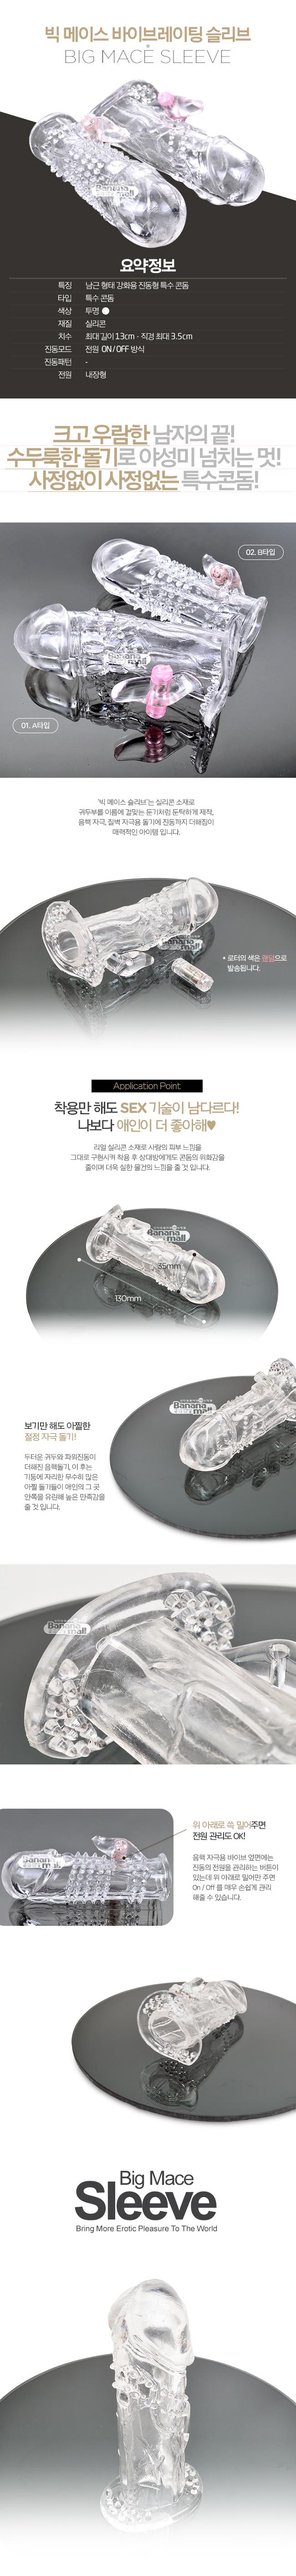 [특수콘돔+진동] 빅 메이스 바이브레이팅 슬리브(Big Mace Vibrating Sleeve) - 00113